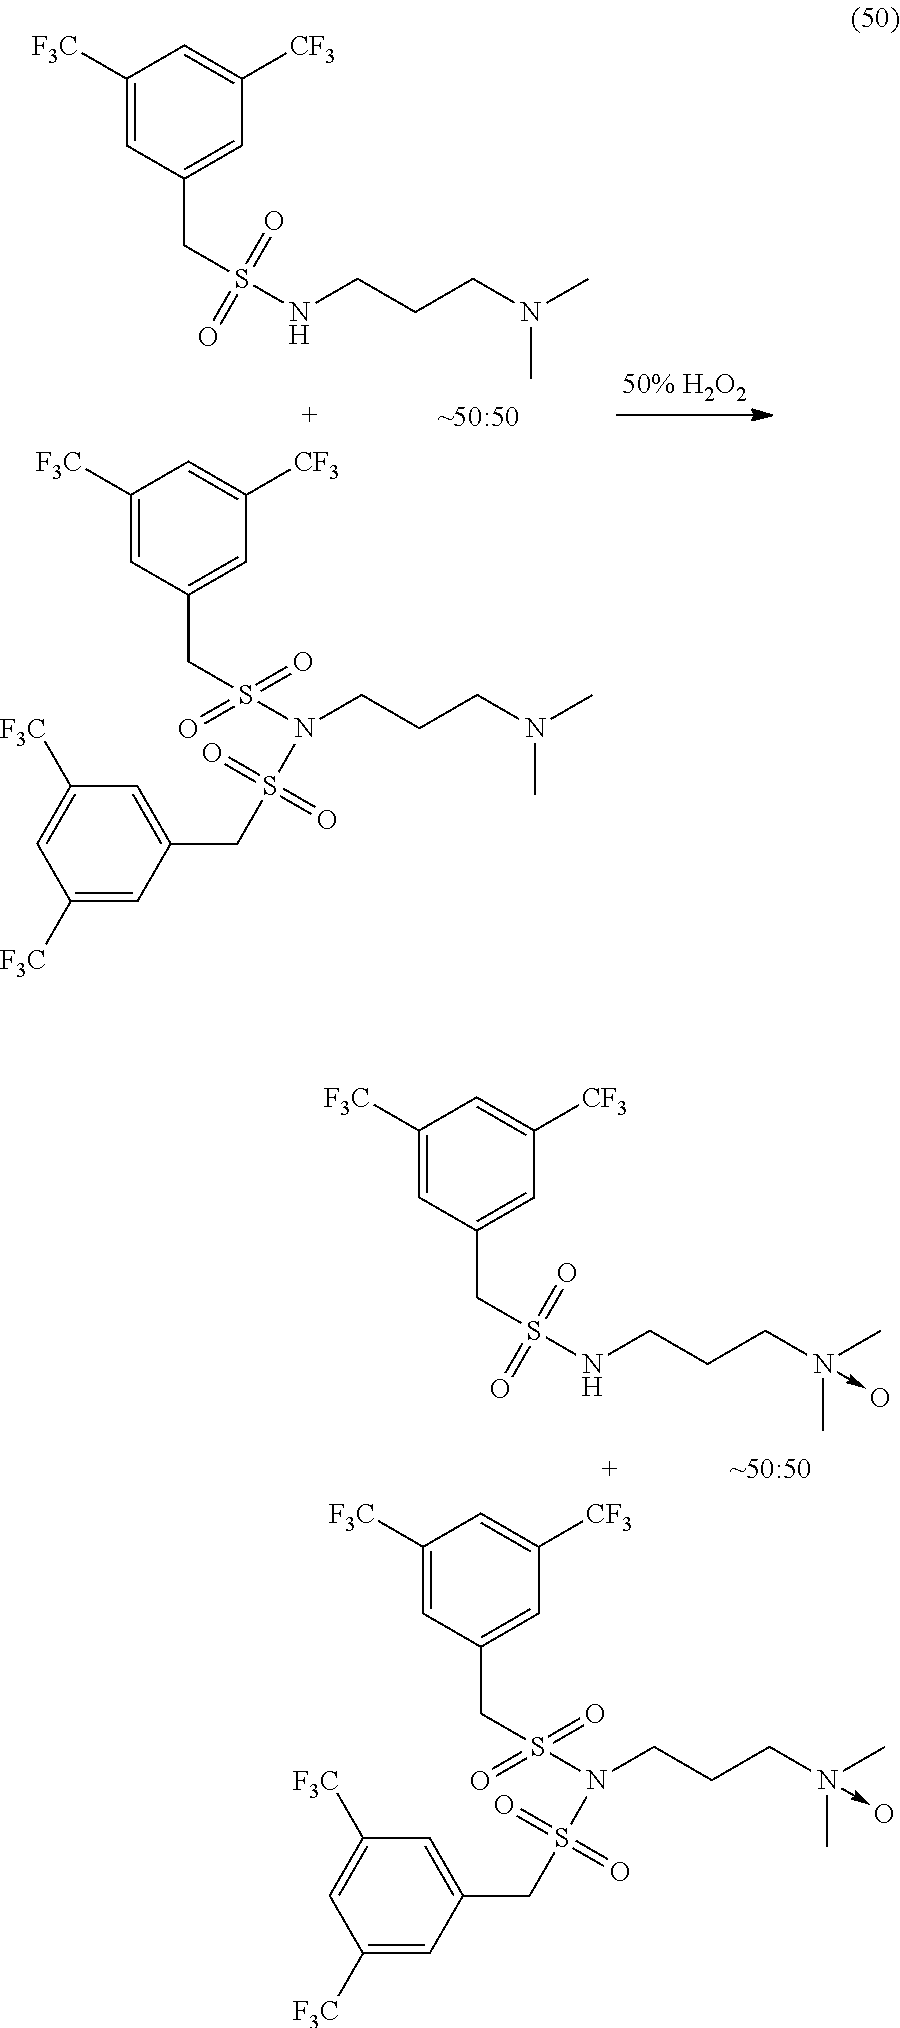 Figure US08318656-20121127-C00213